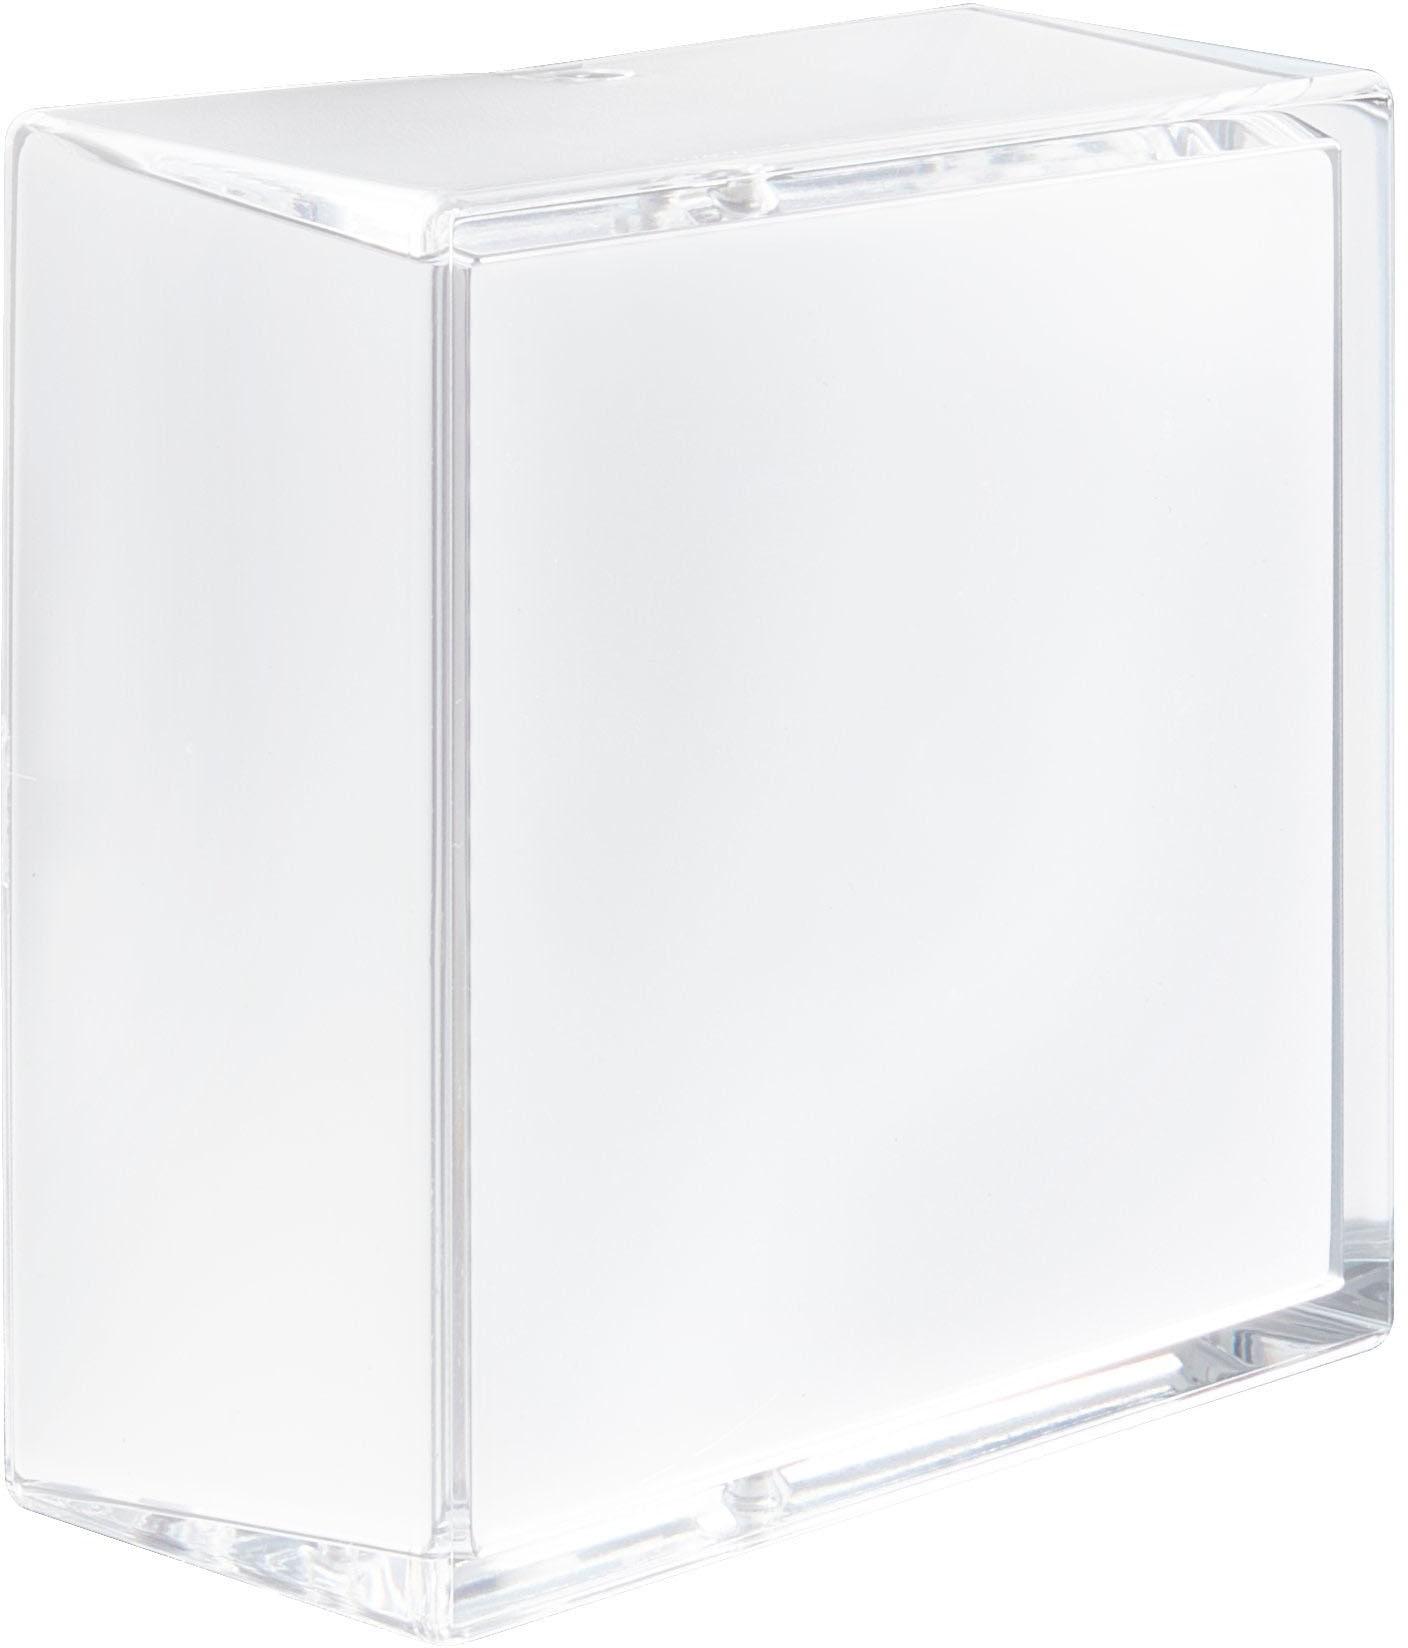 HEITRONIC Außen-Wandleuchte Cabrera, LED-Board, Warmweiß, Schutz gegen Vandalismus